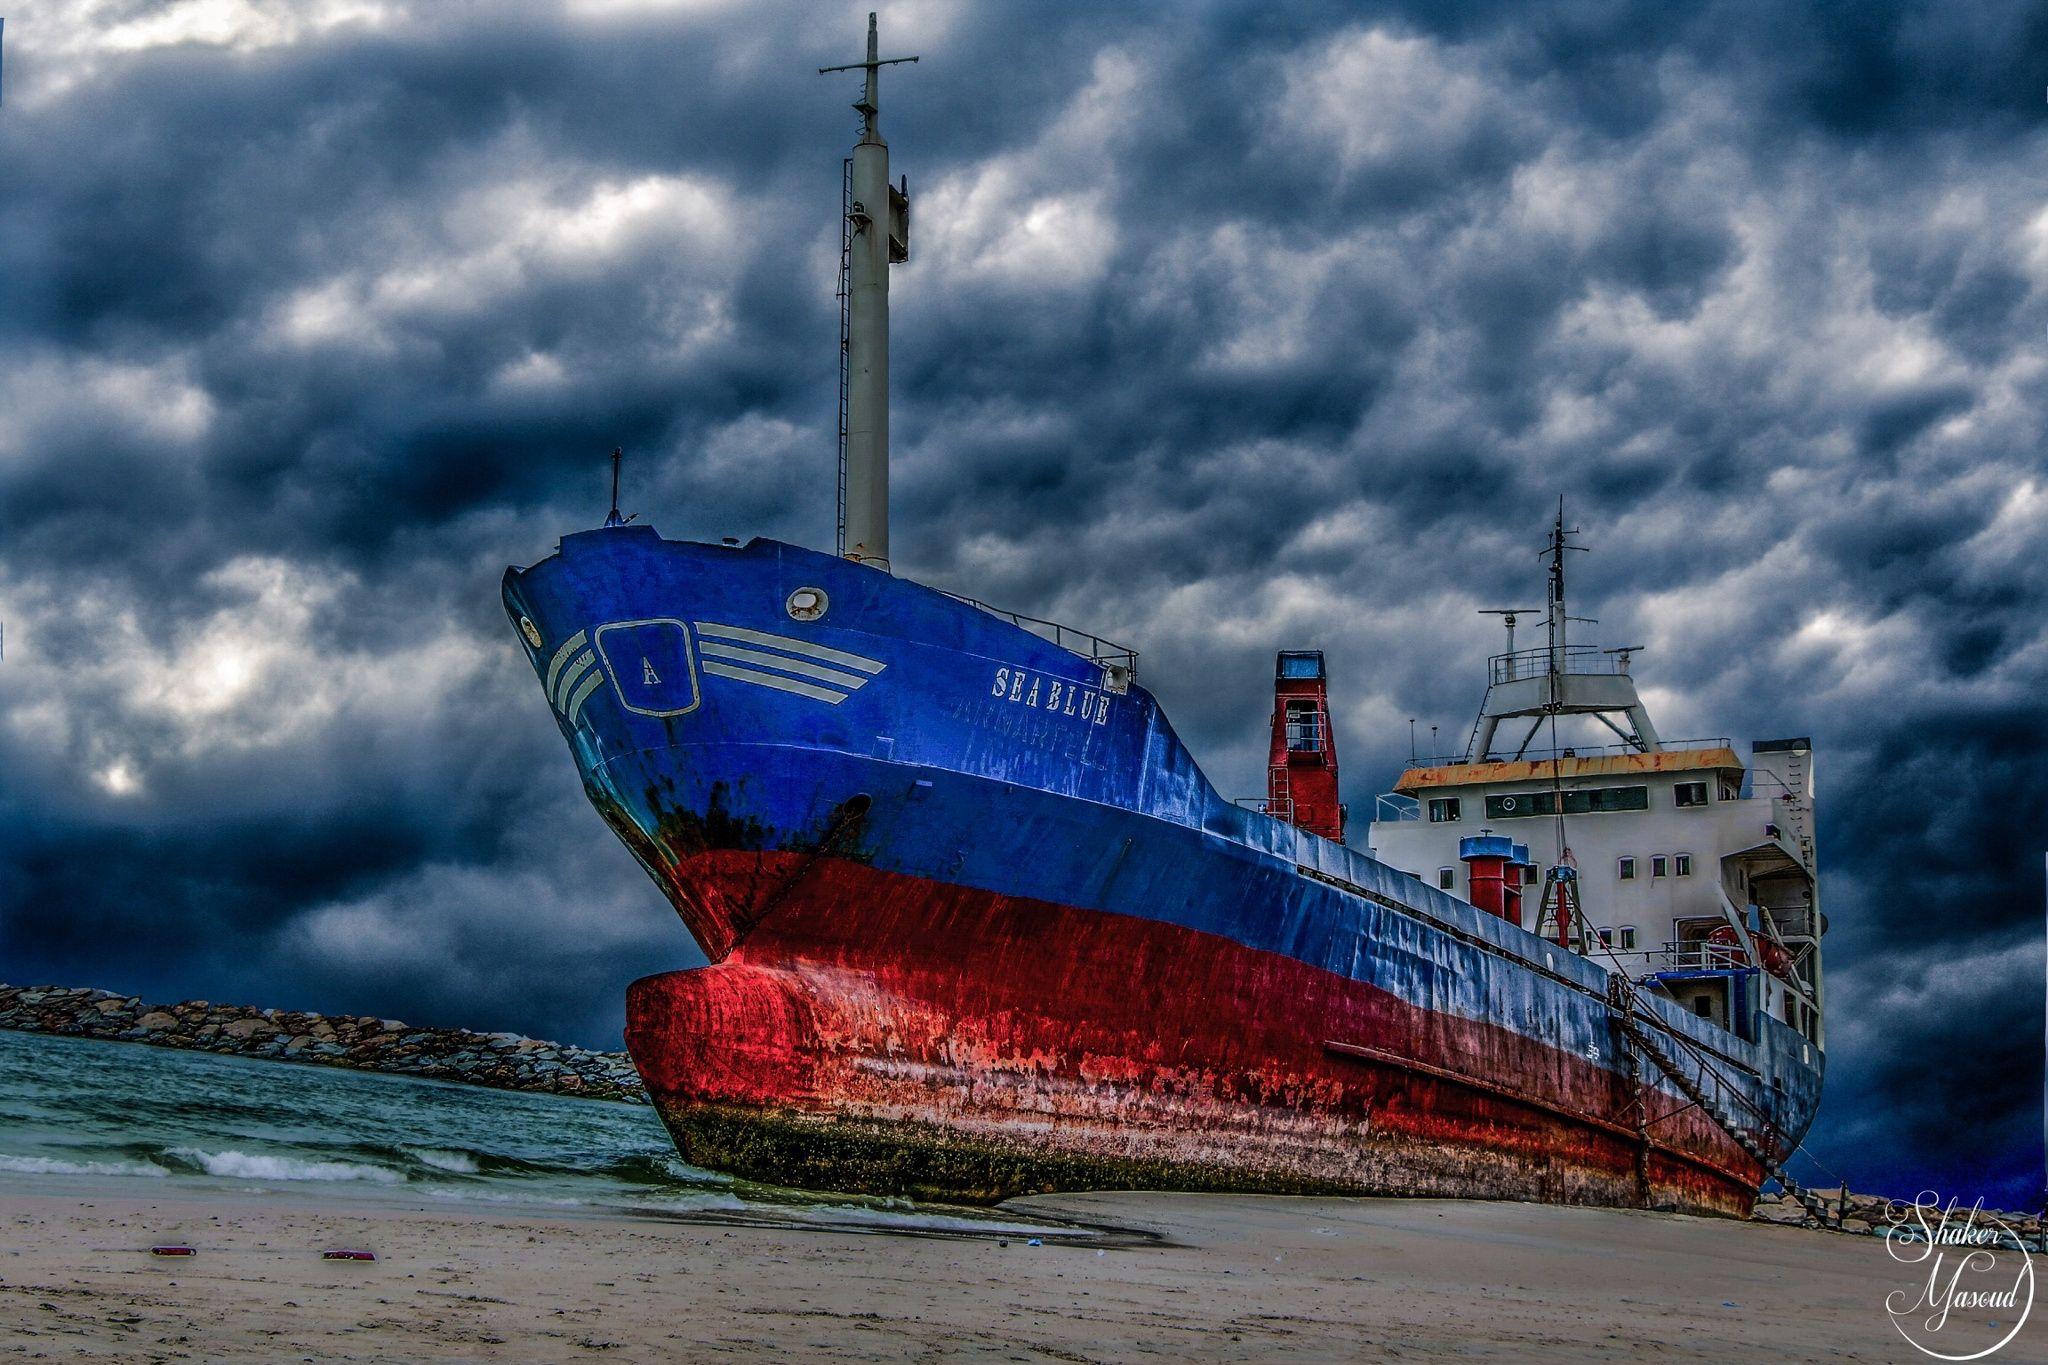 Blue Sea by Shaker Masoud on 500px